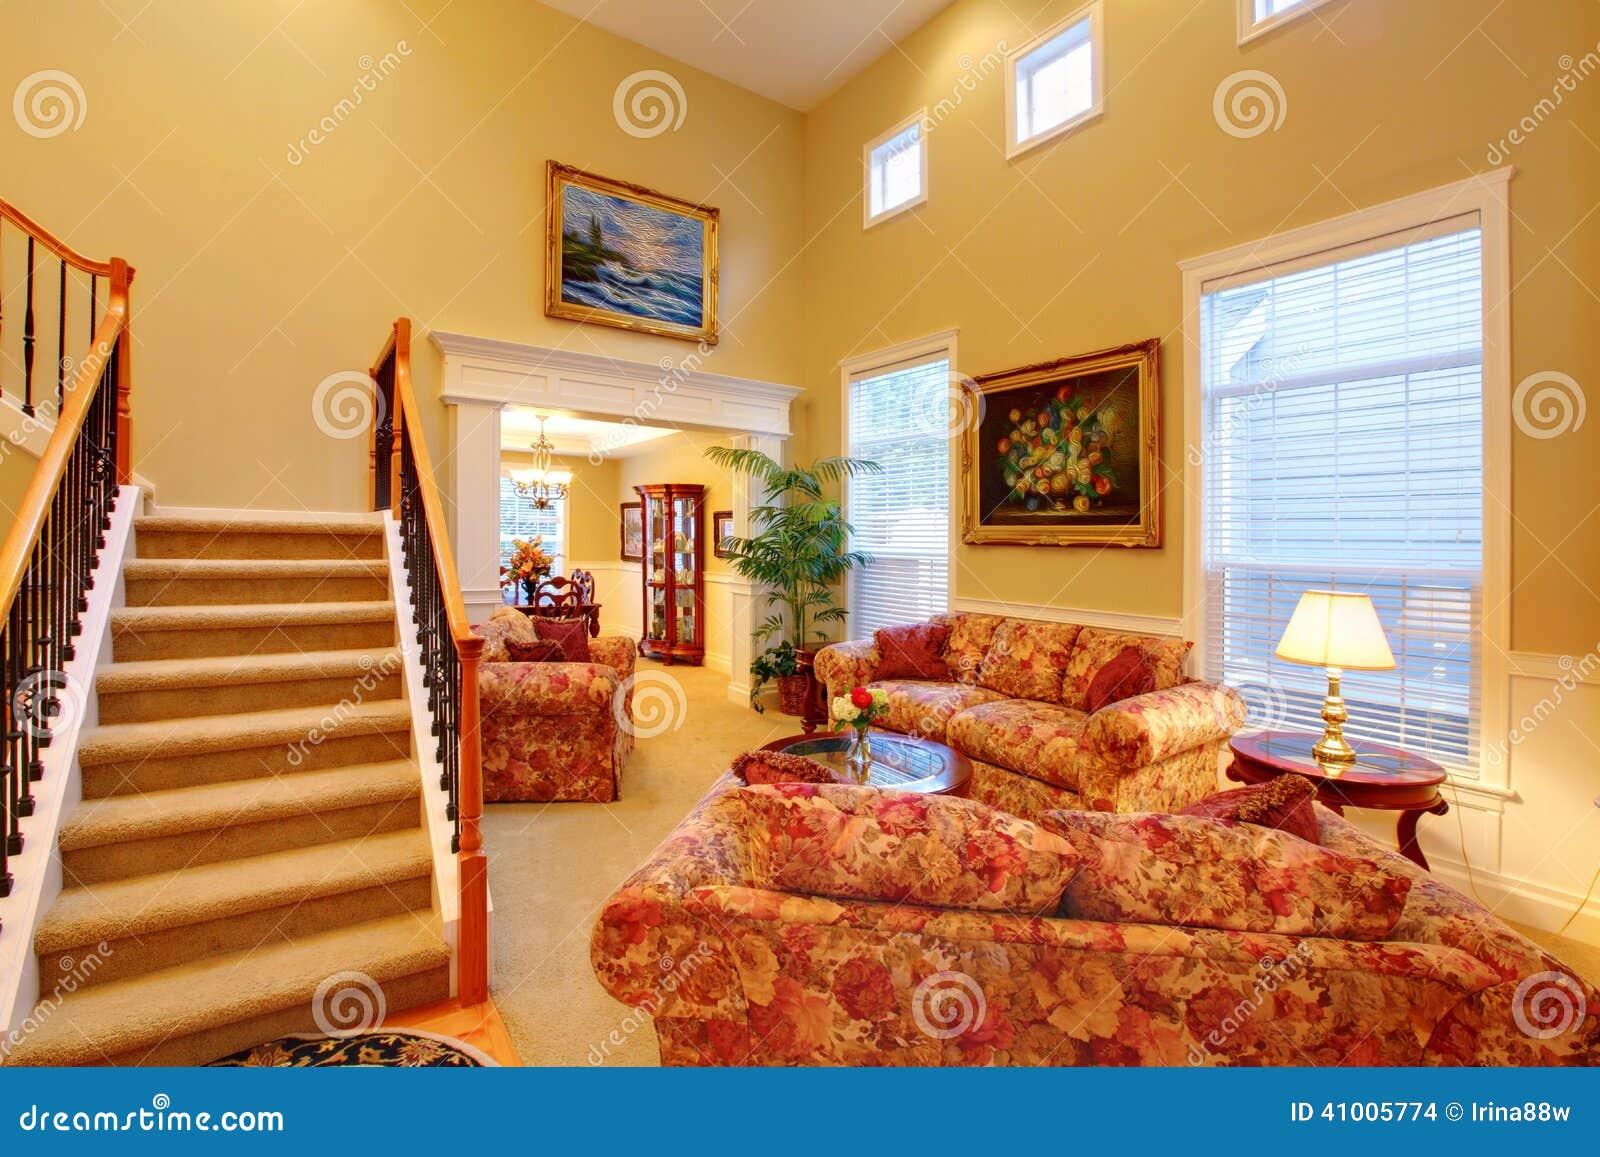 Int rieur de luxe de maison salle de s jour photo stock for Interieur luxe maison